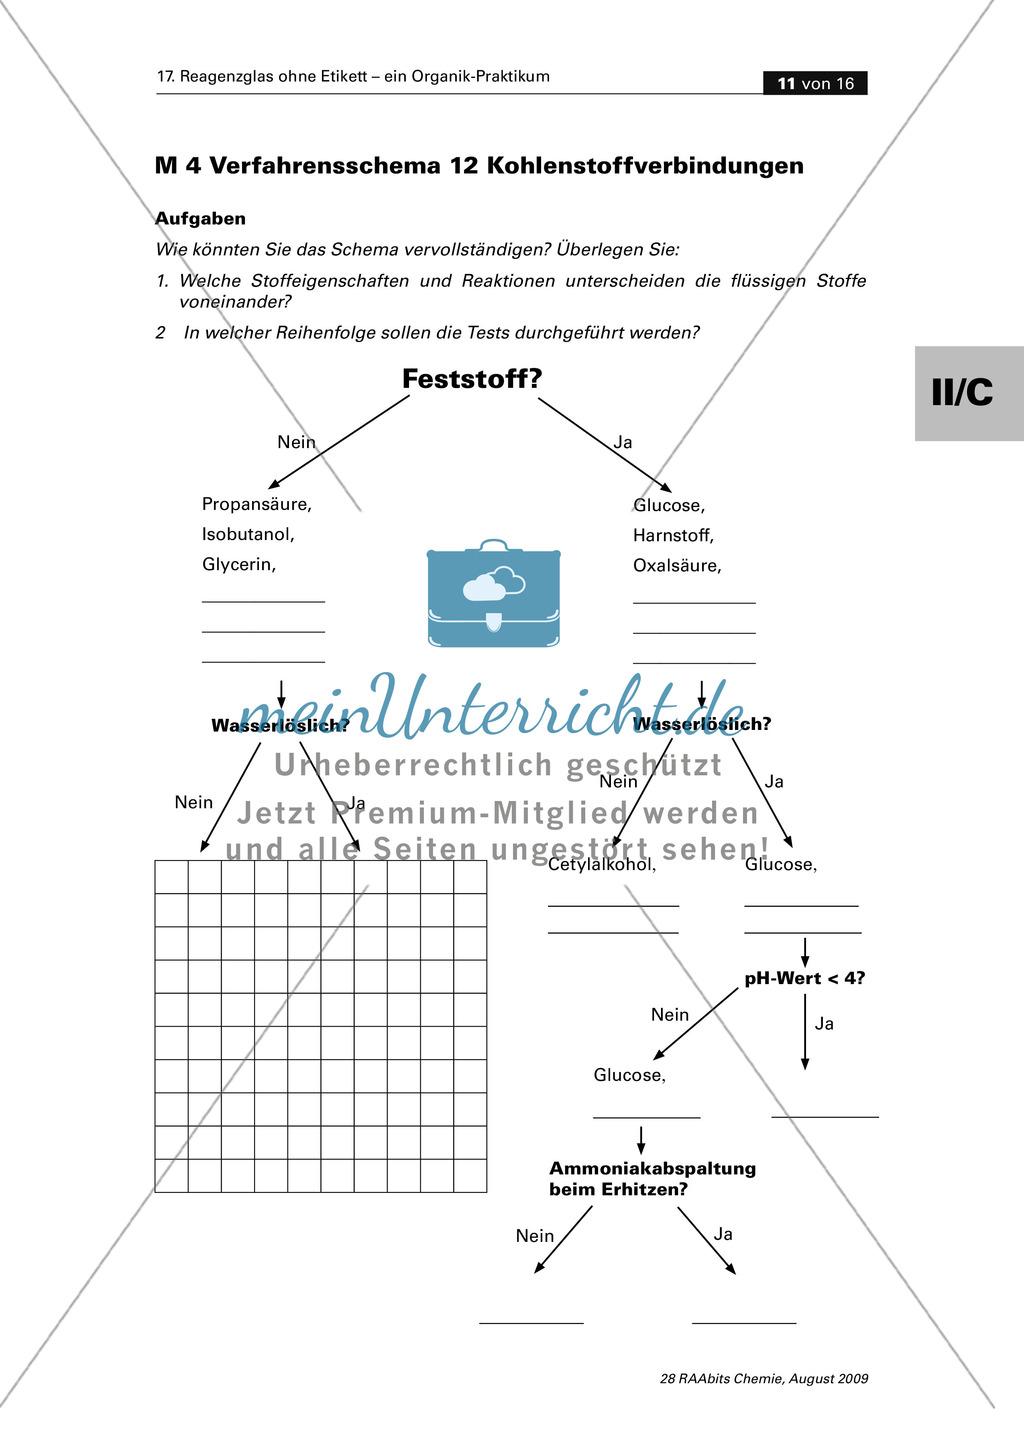 Verfahrensschema zur Identifizierung unbekannter Kohlenstoffverbindungen Preview 6